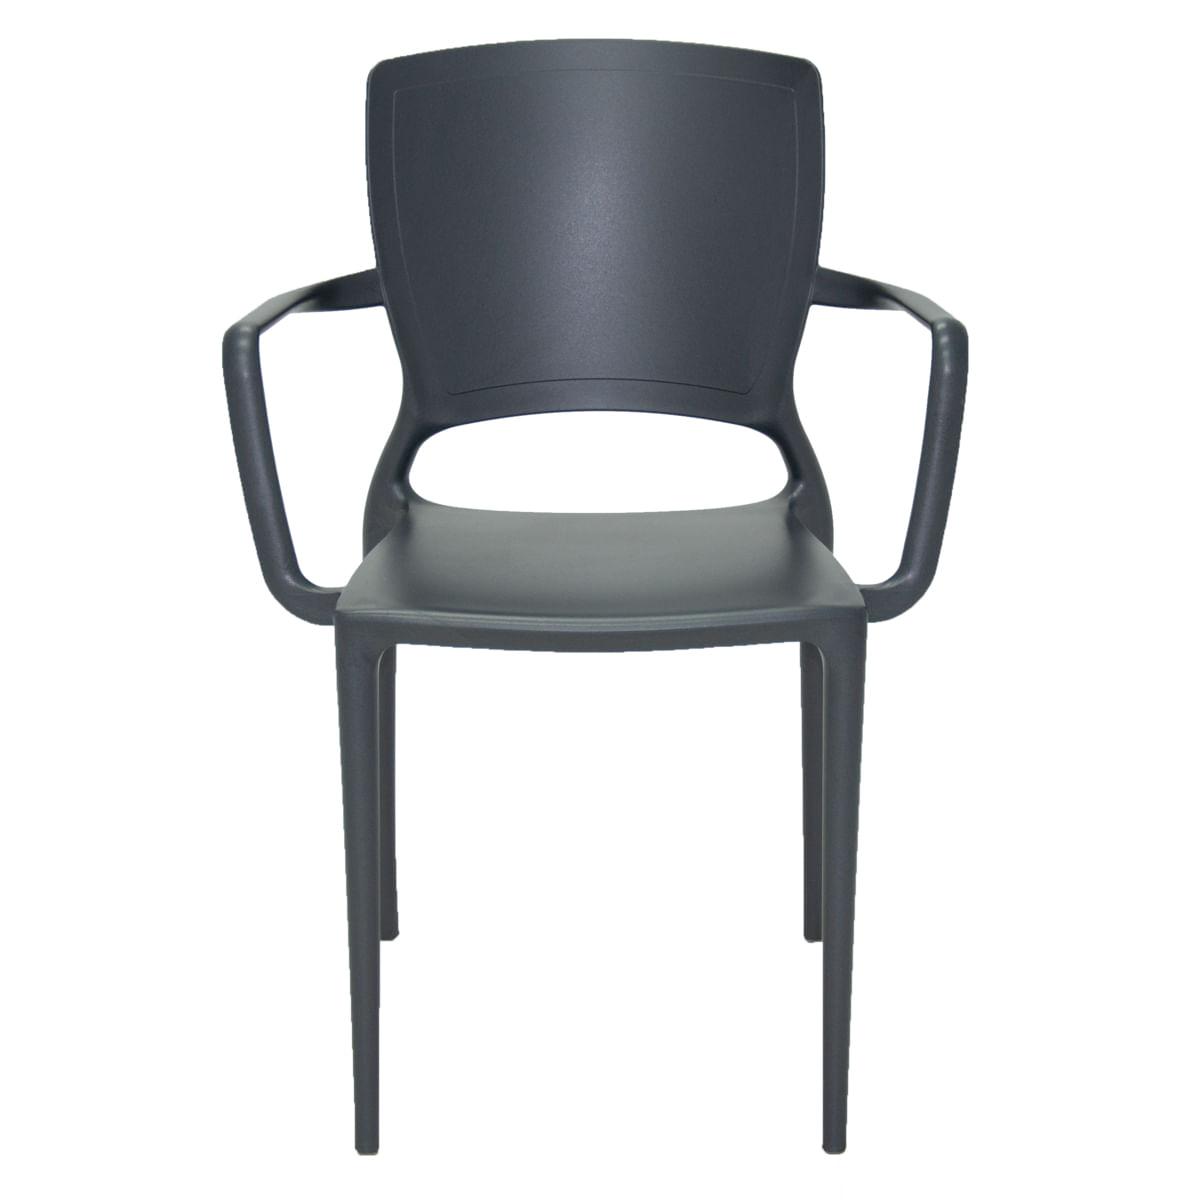 Cadeira Tramontina Sofia com Encosto Fechado em Polipropileno e Fibra de Vidro Grafite com Braços